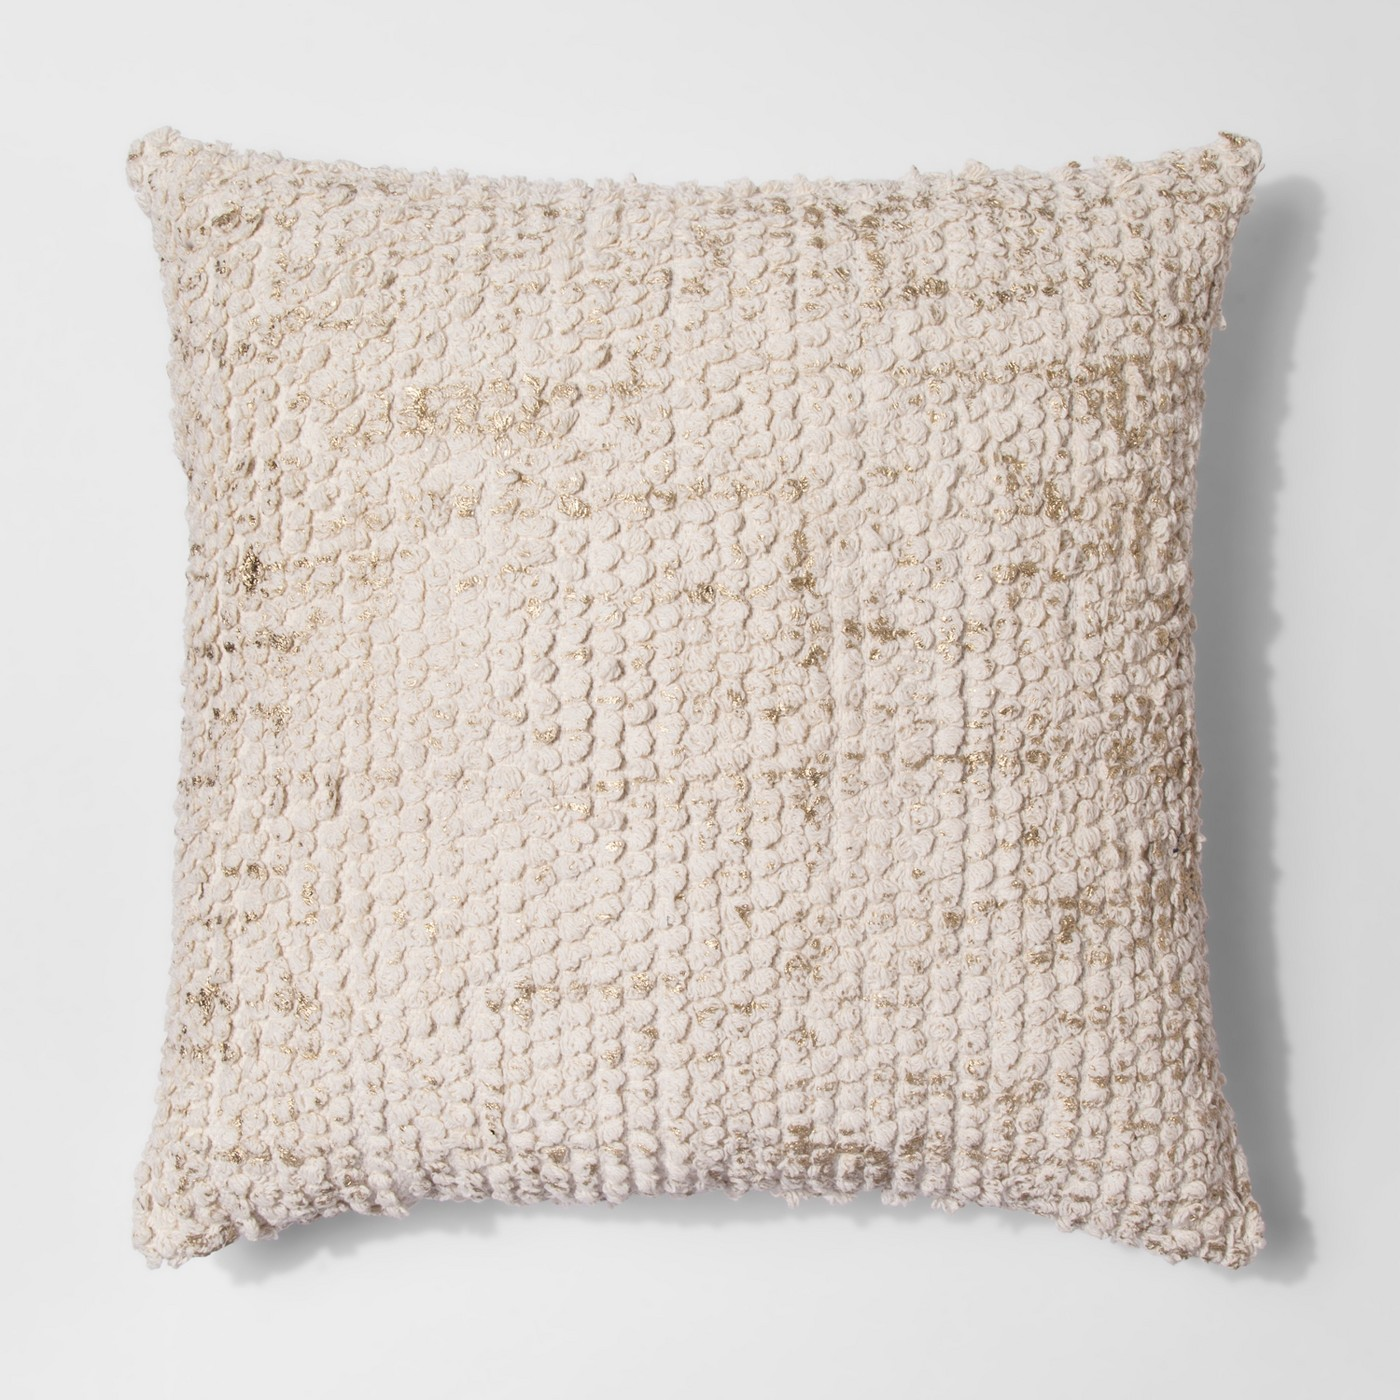 Tufted Metallic Pillow